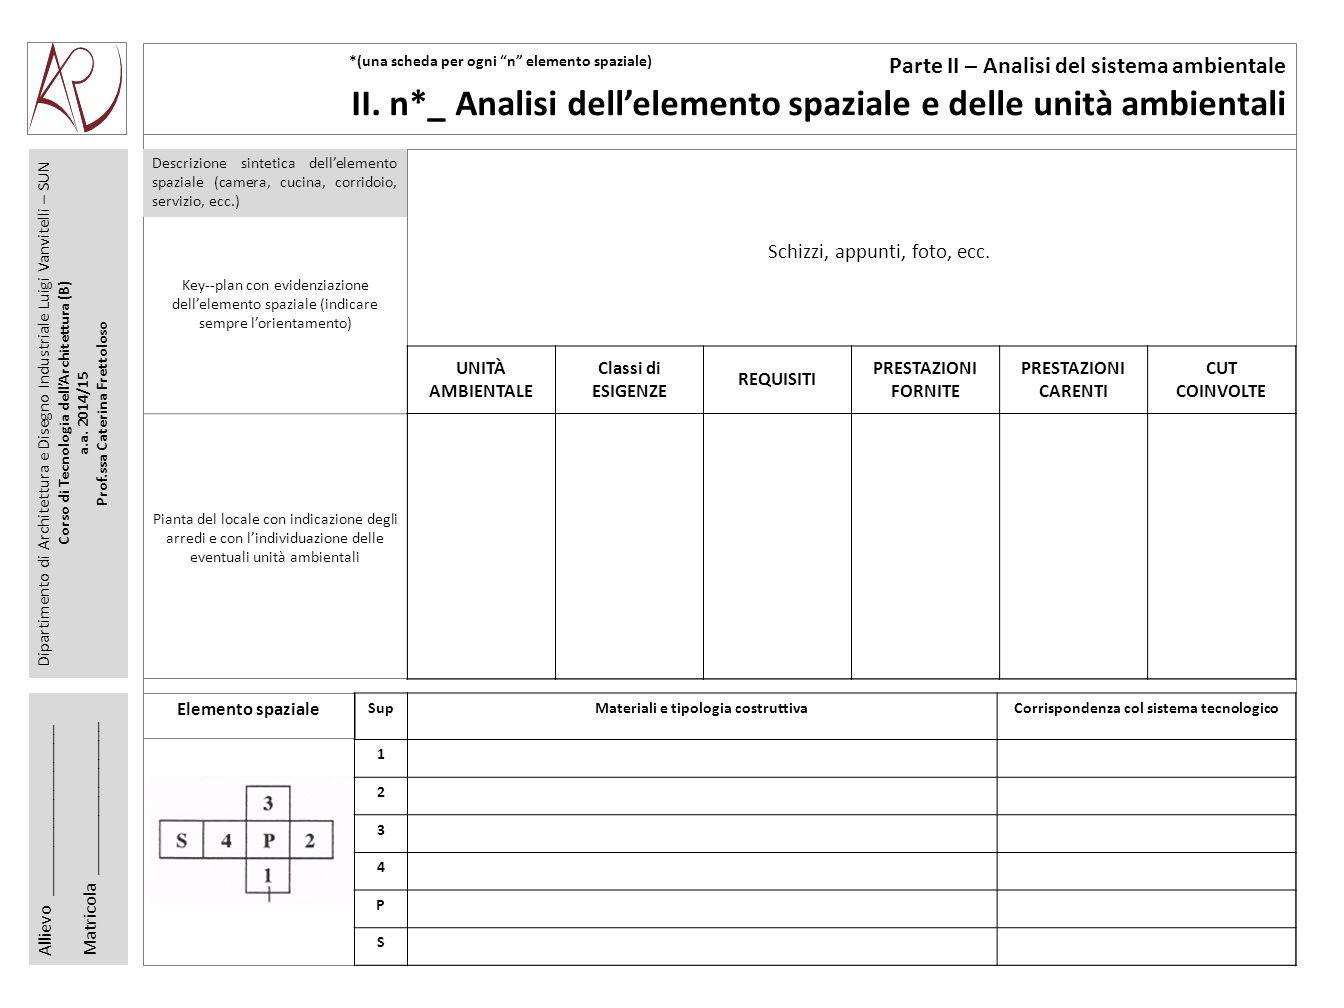 II. n*_ Analisi dell'elemento spaziale e delle unità ambientali